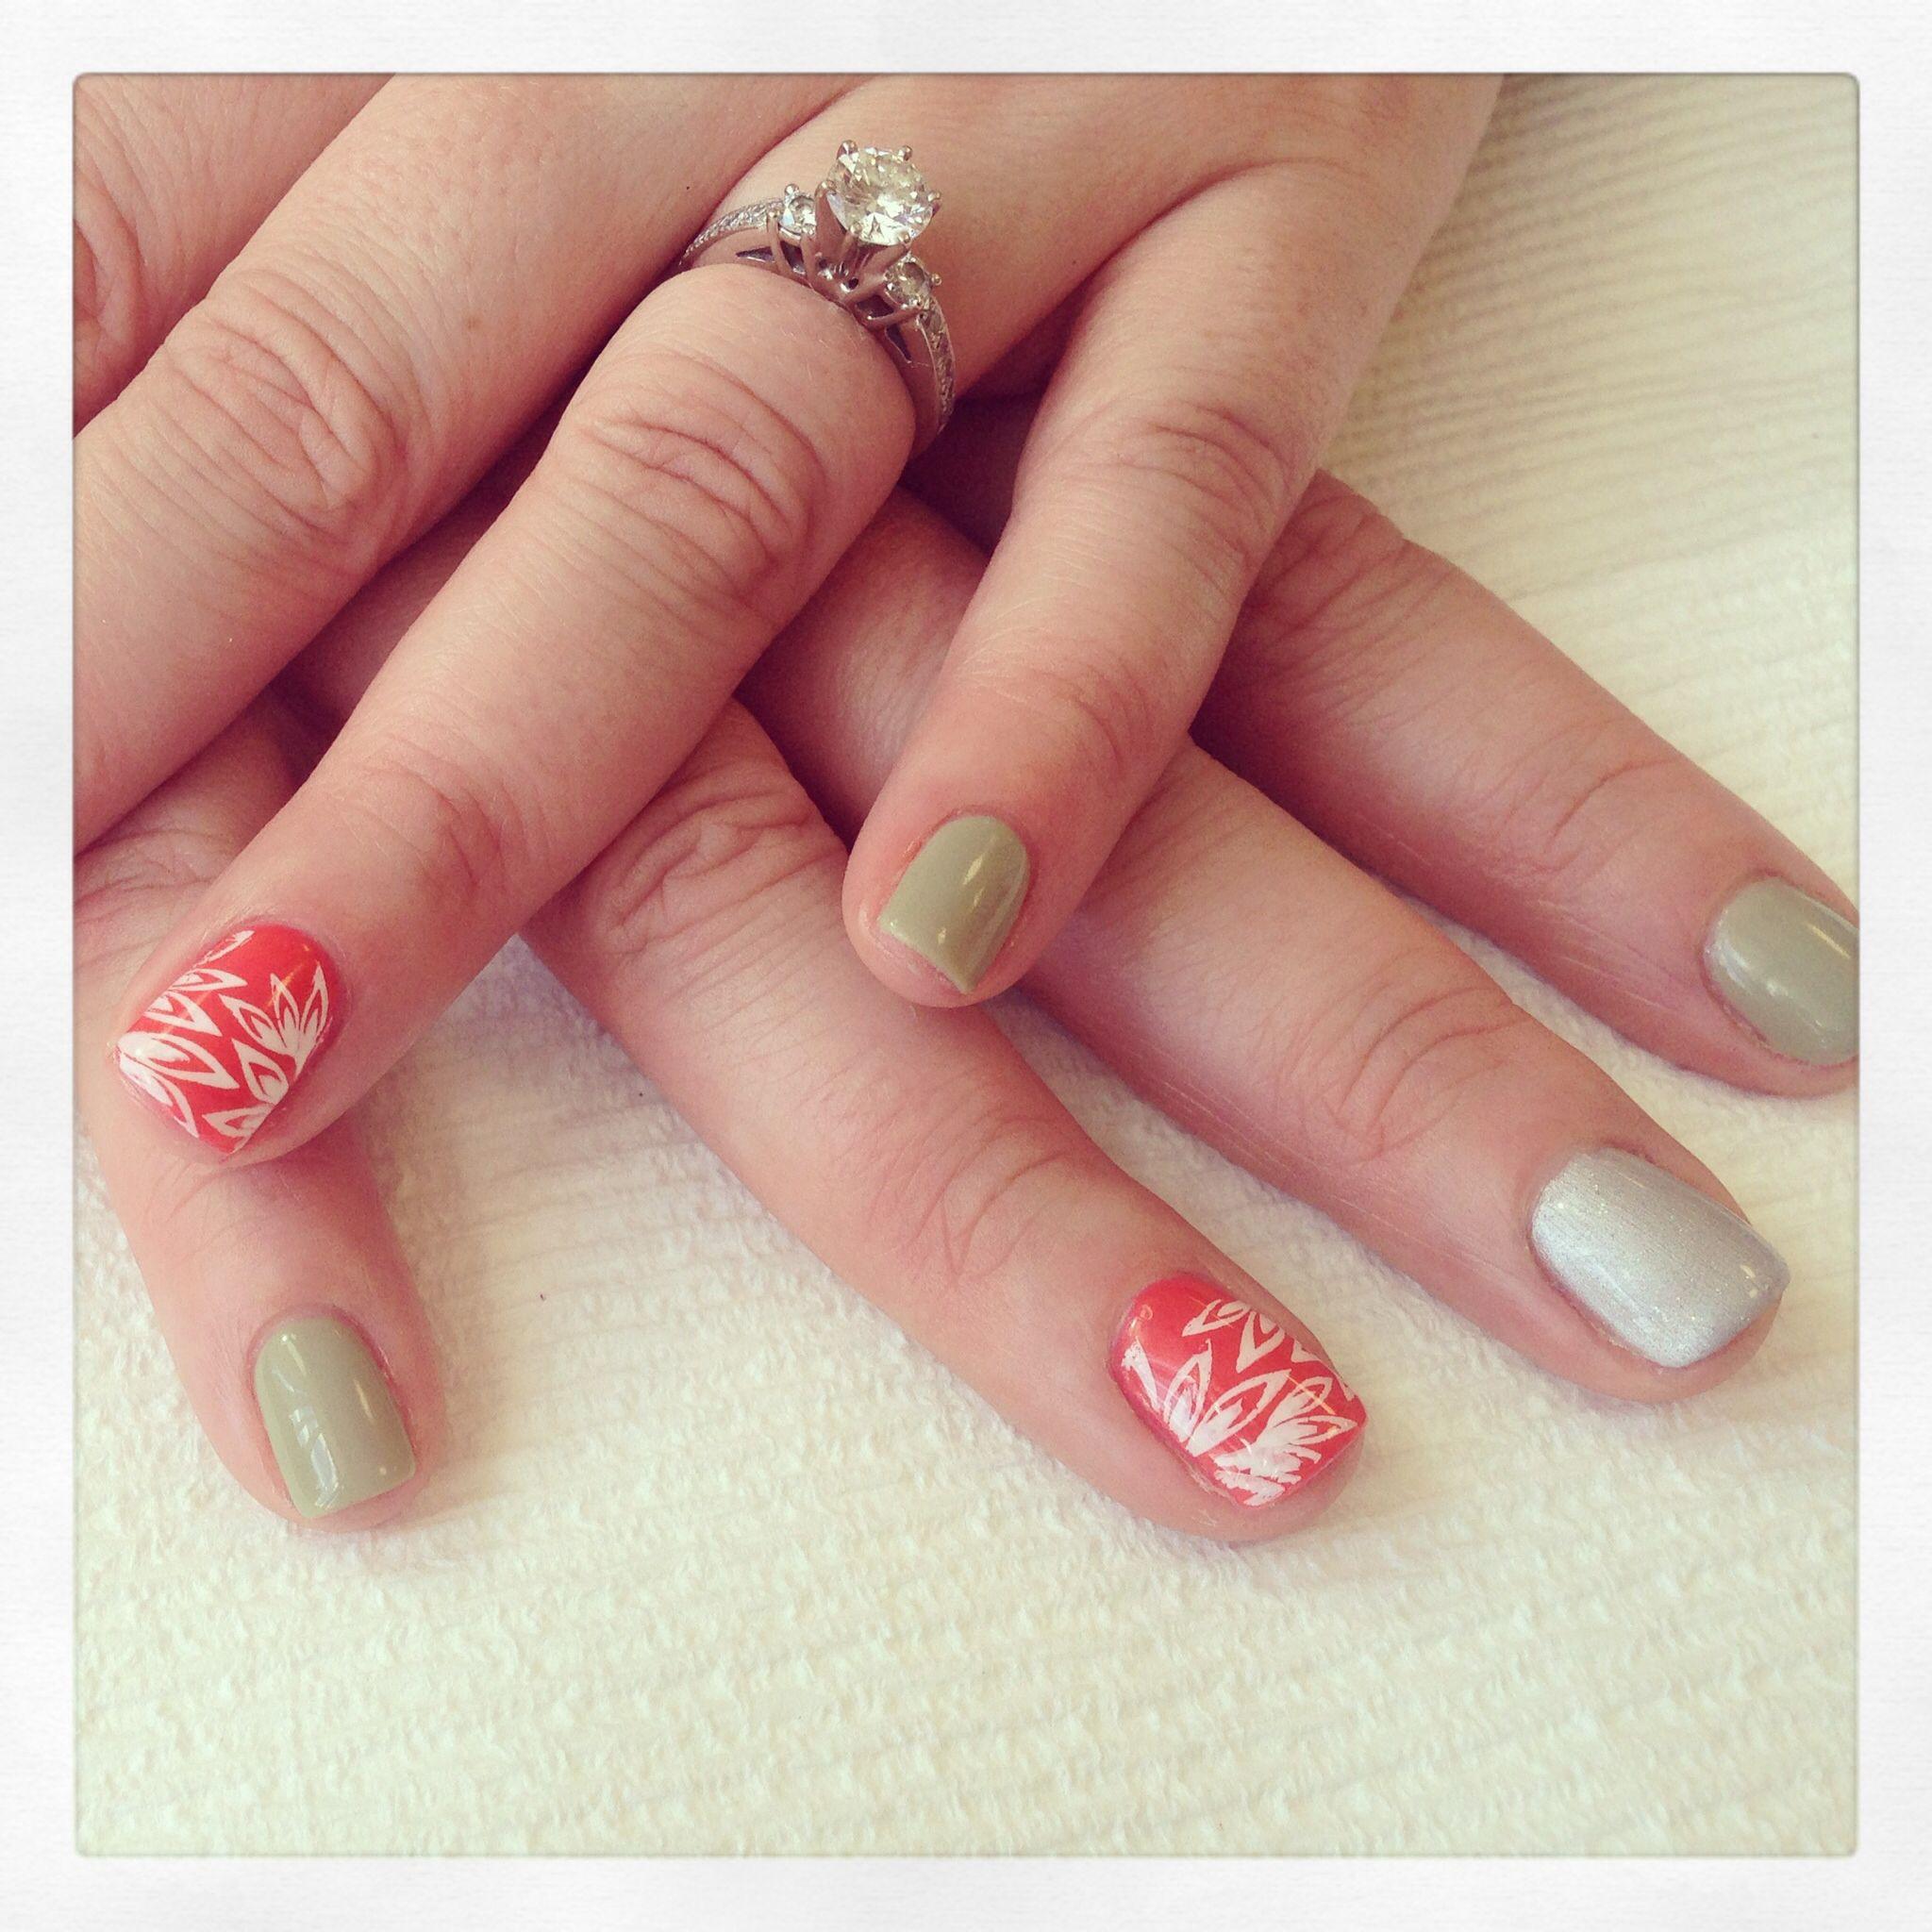 Spring Nails My Nail Art Nail Art Spring Nail Art Spring Nails